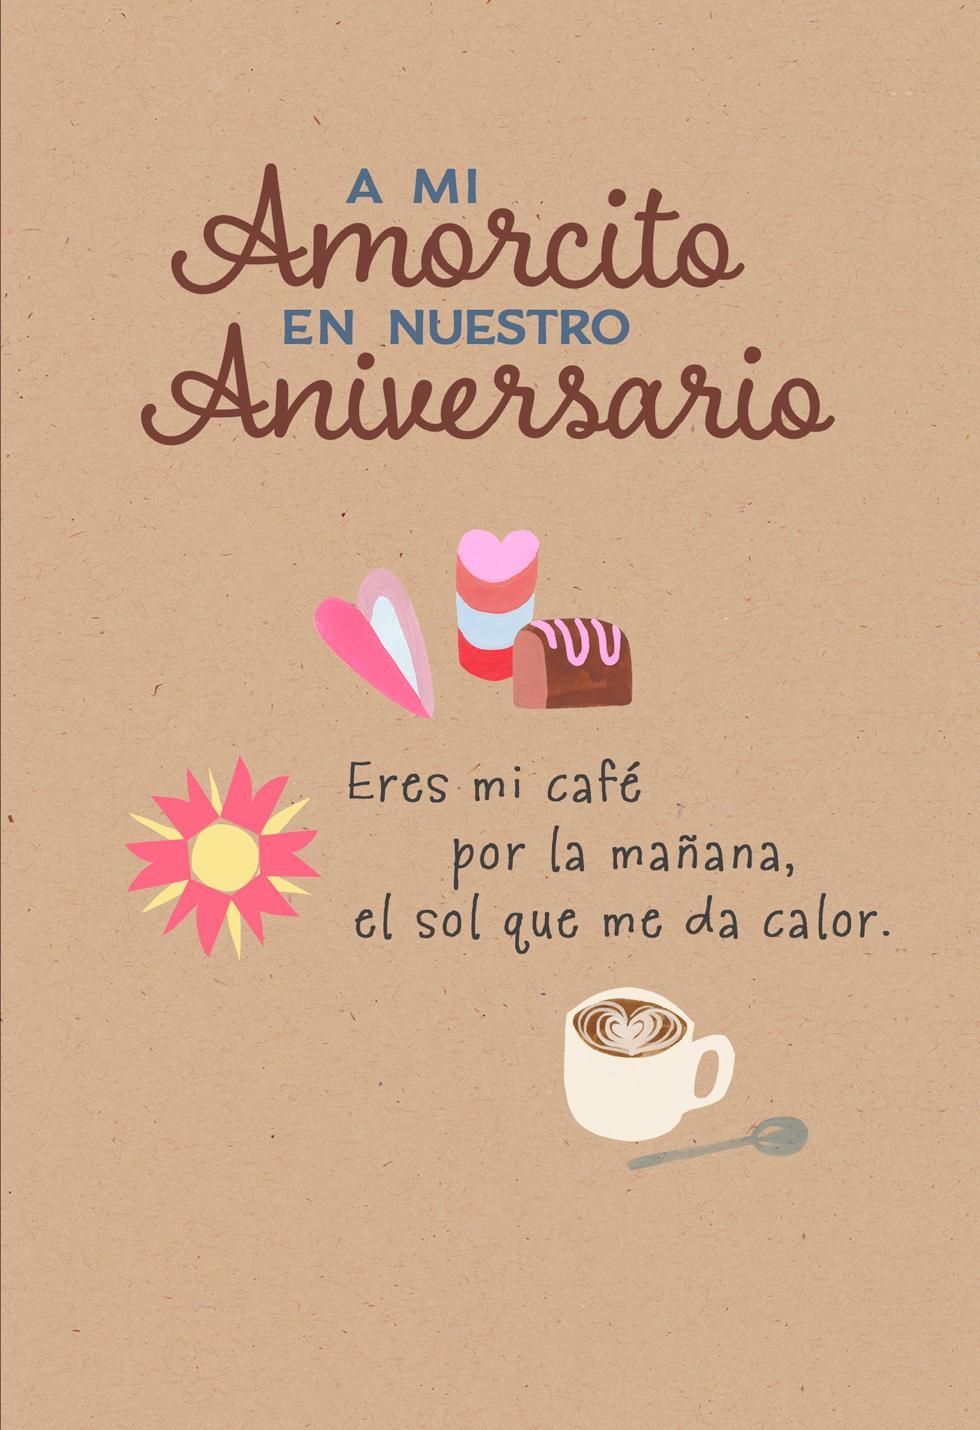 My everything spanish language anniversary card greeting